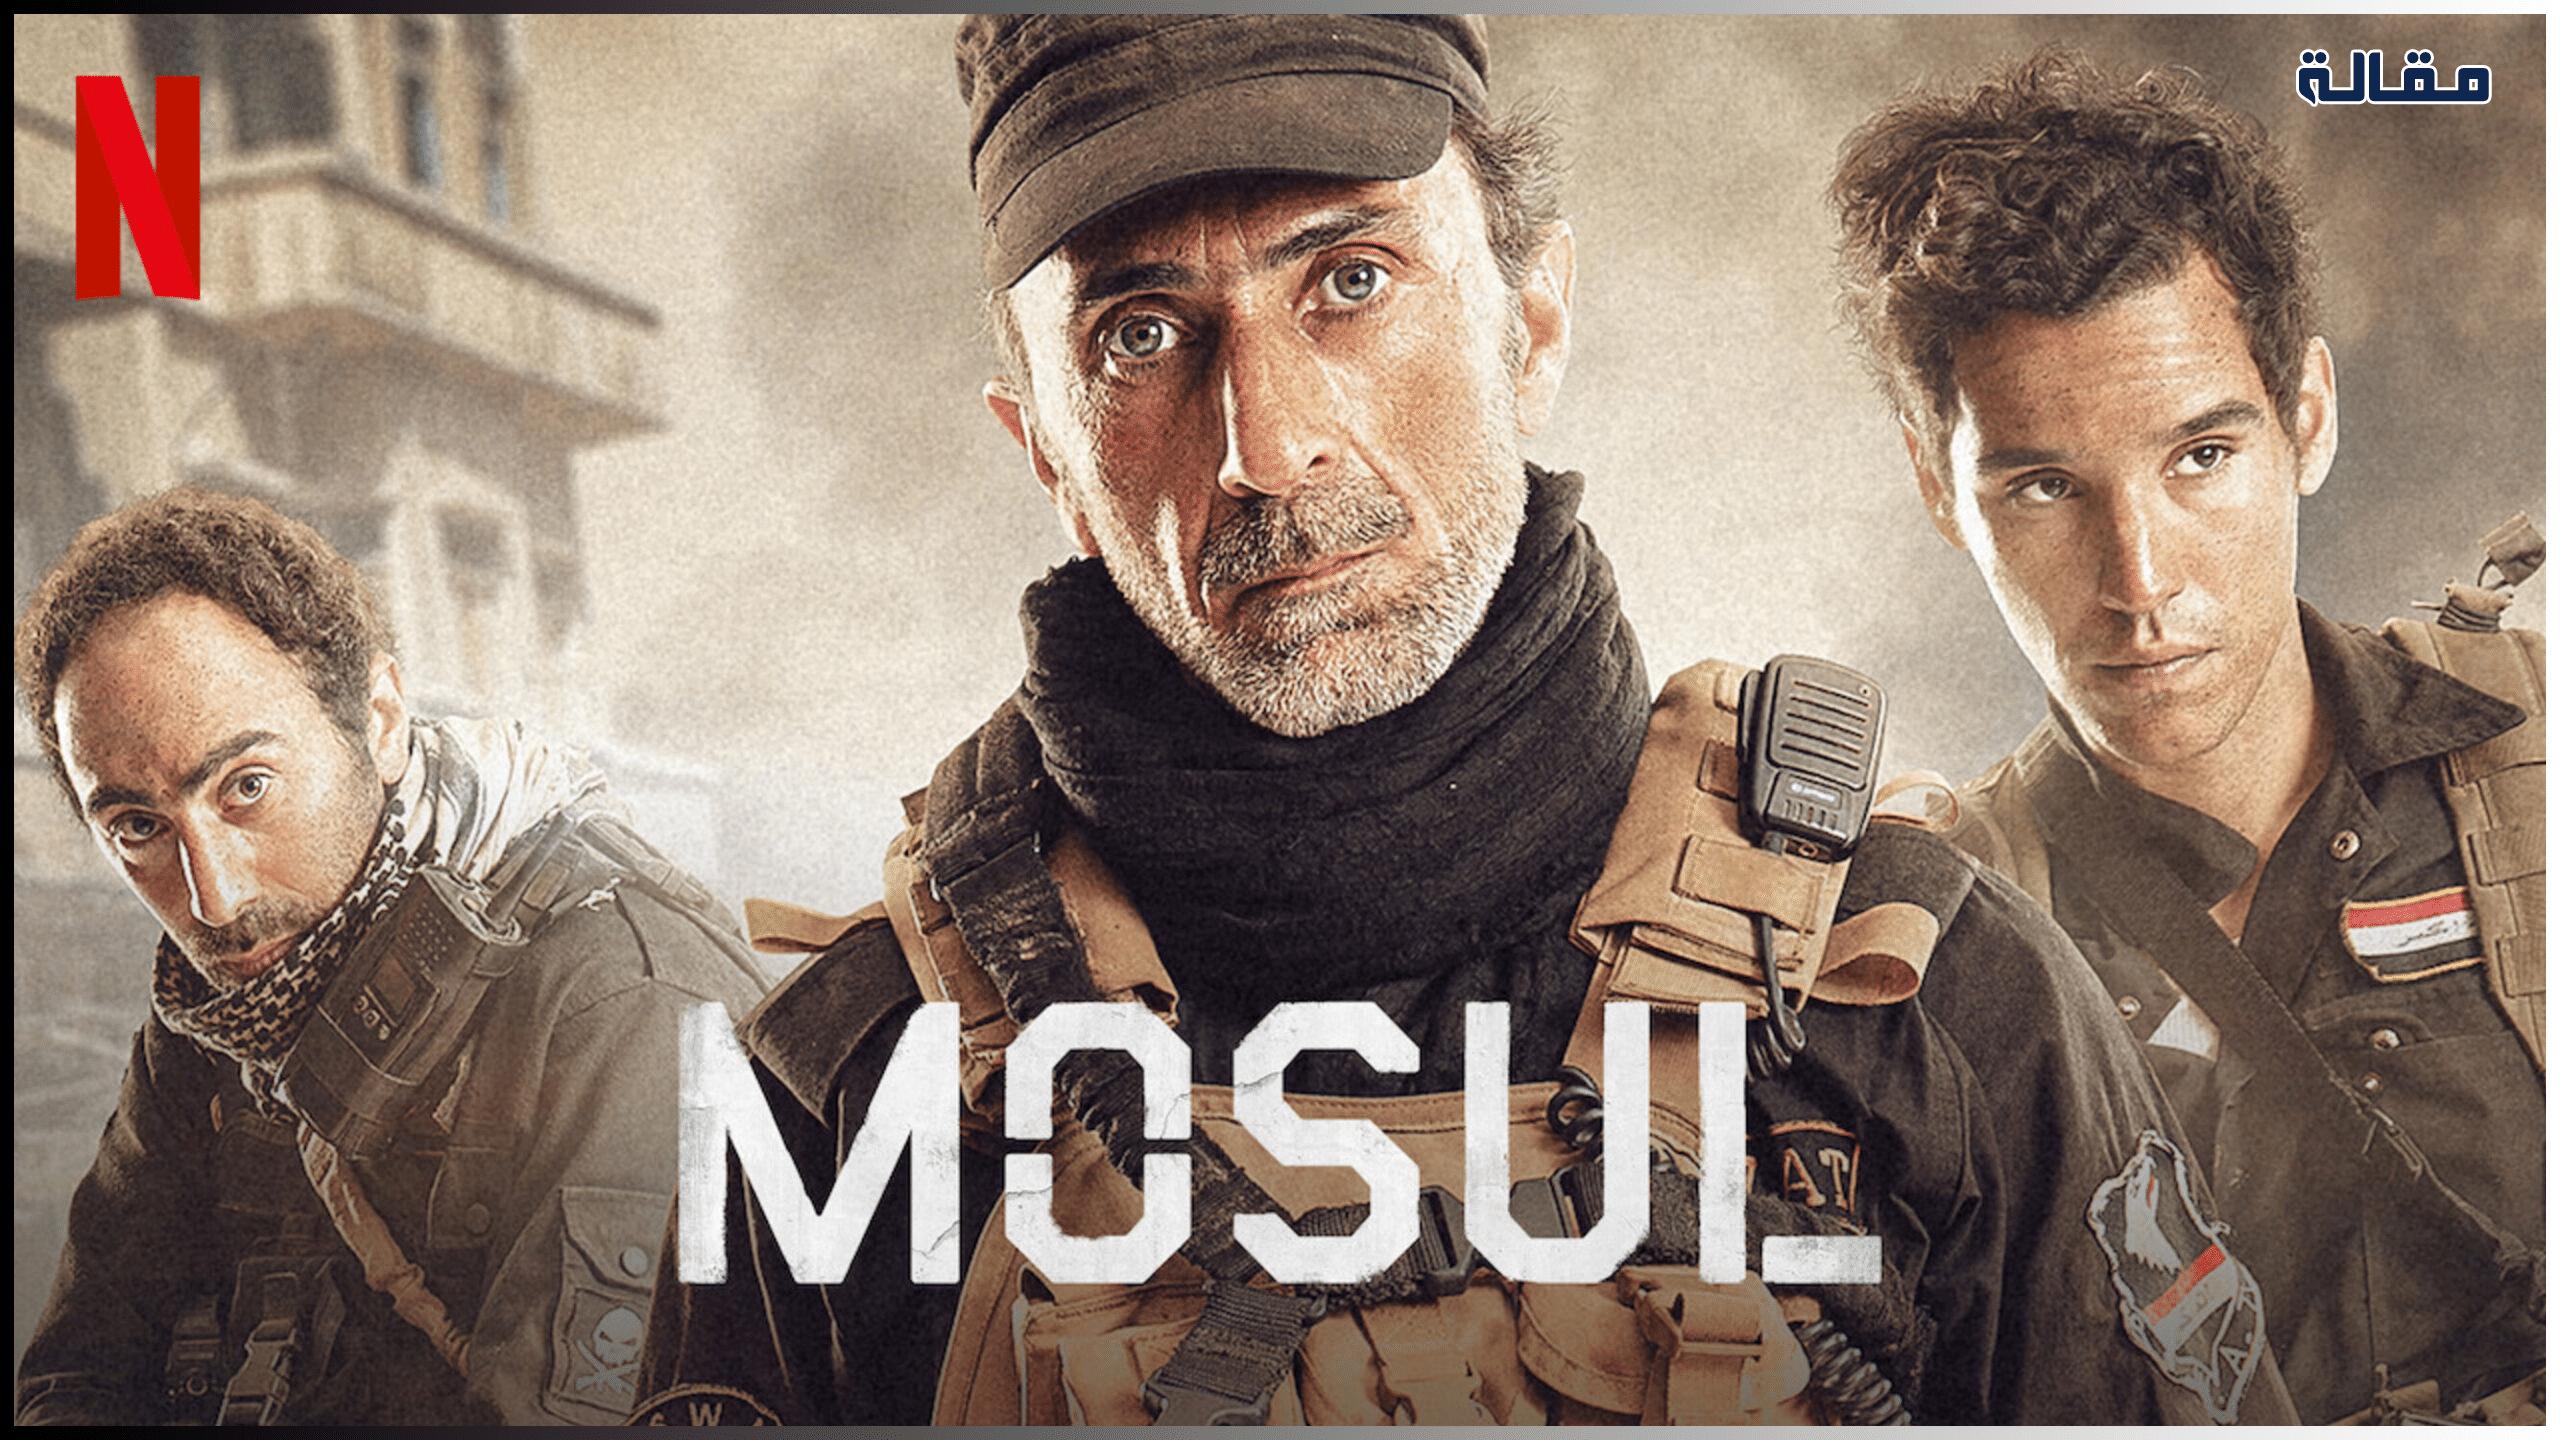 بوستر فيلم الموصل